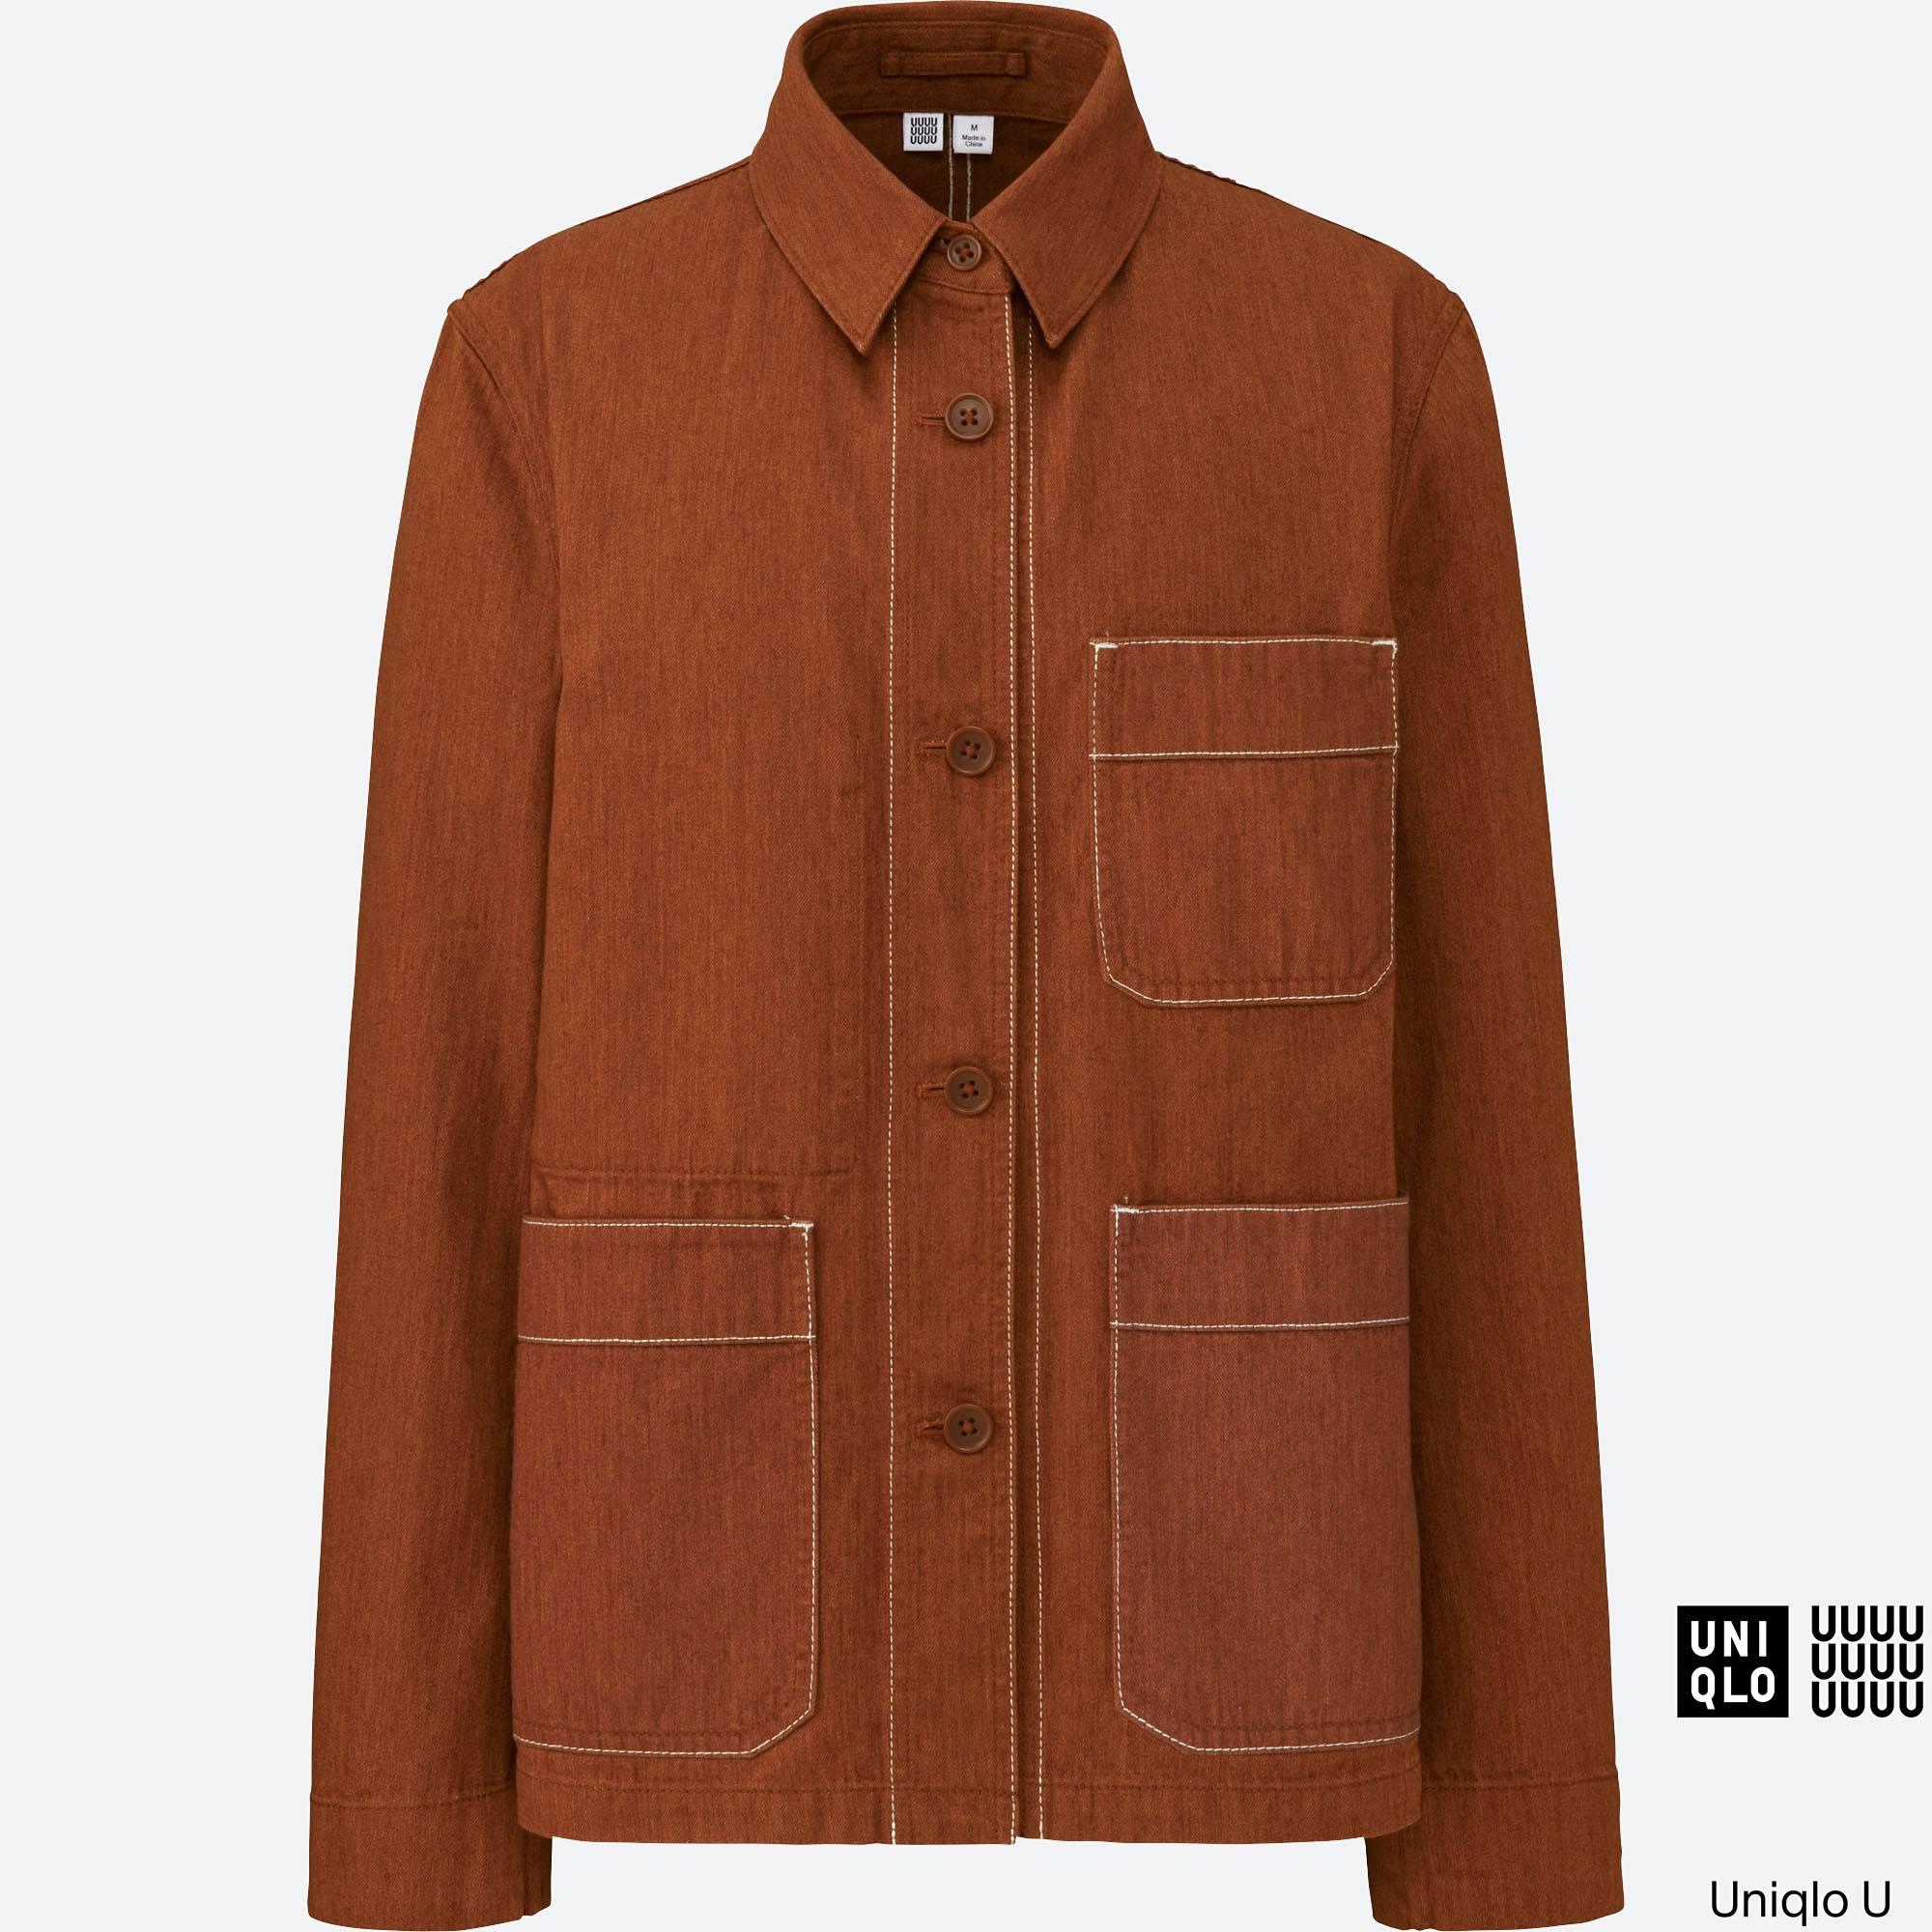 Leather jacket uniqlo - Women U Work Jacket Dark Orange Large